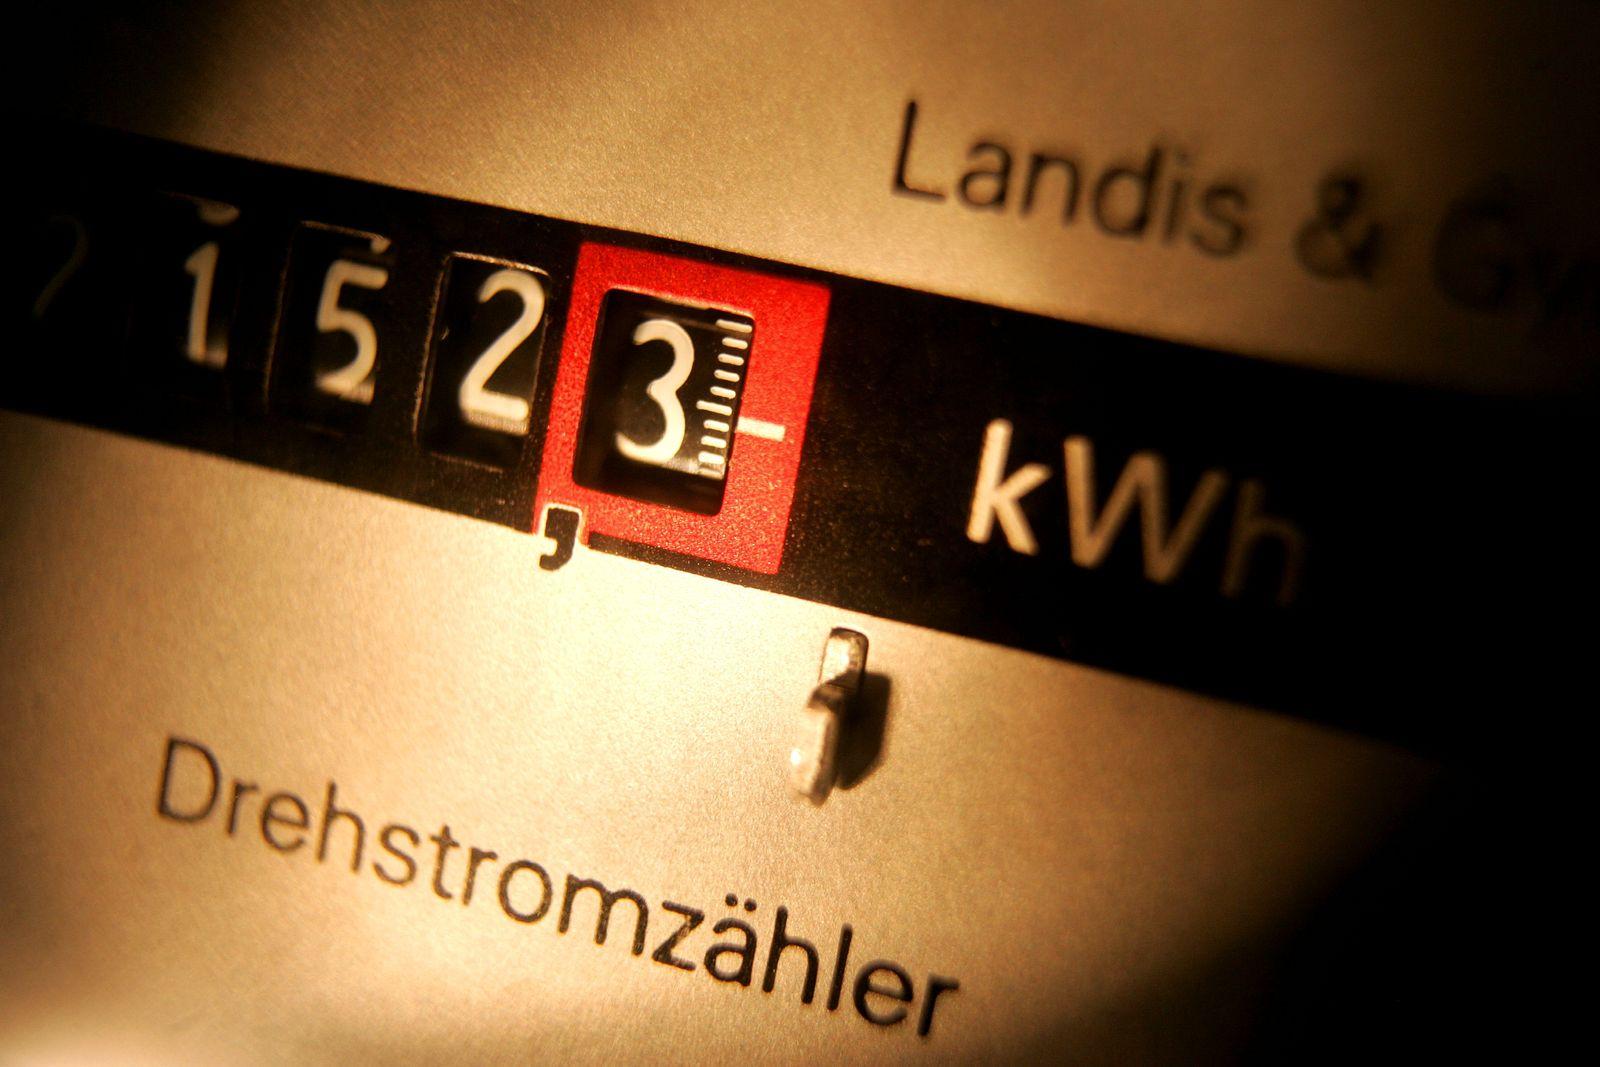 NICHT VERWENDEN Stromzähler / Drehstromzähler / Strom